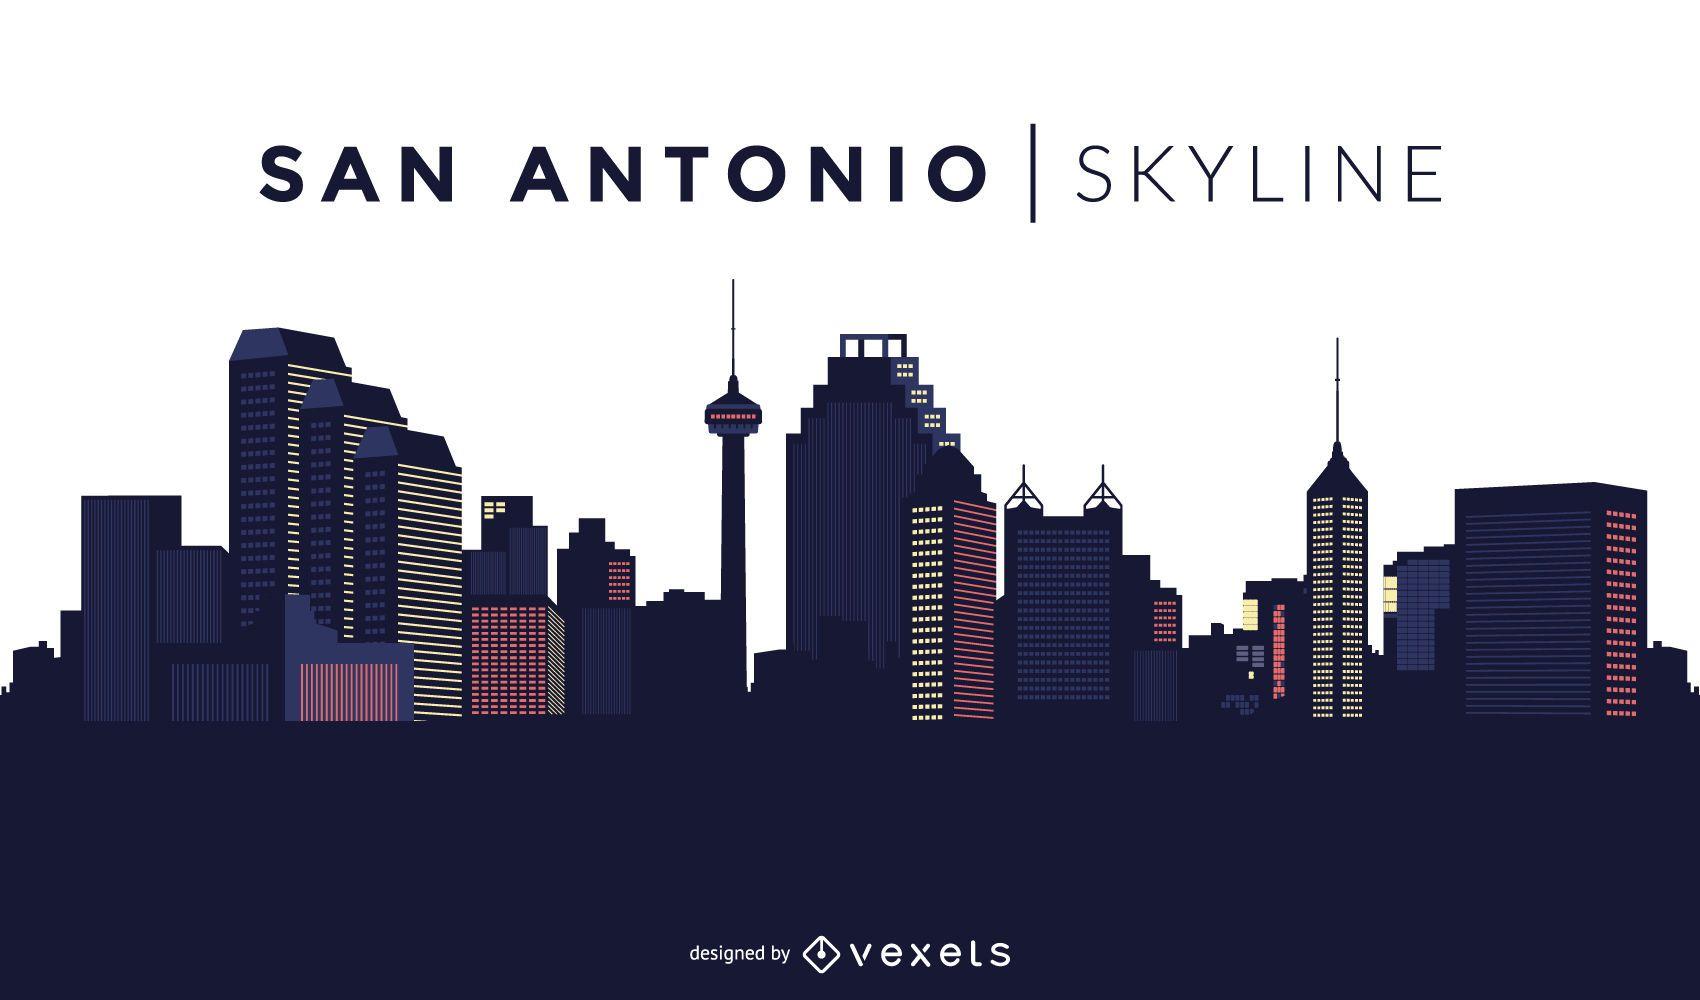 San Antonio Skyline Design Vector Download